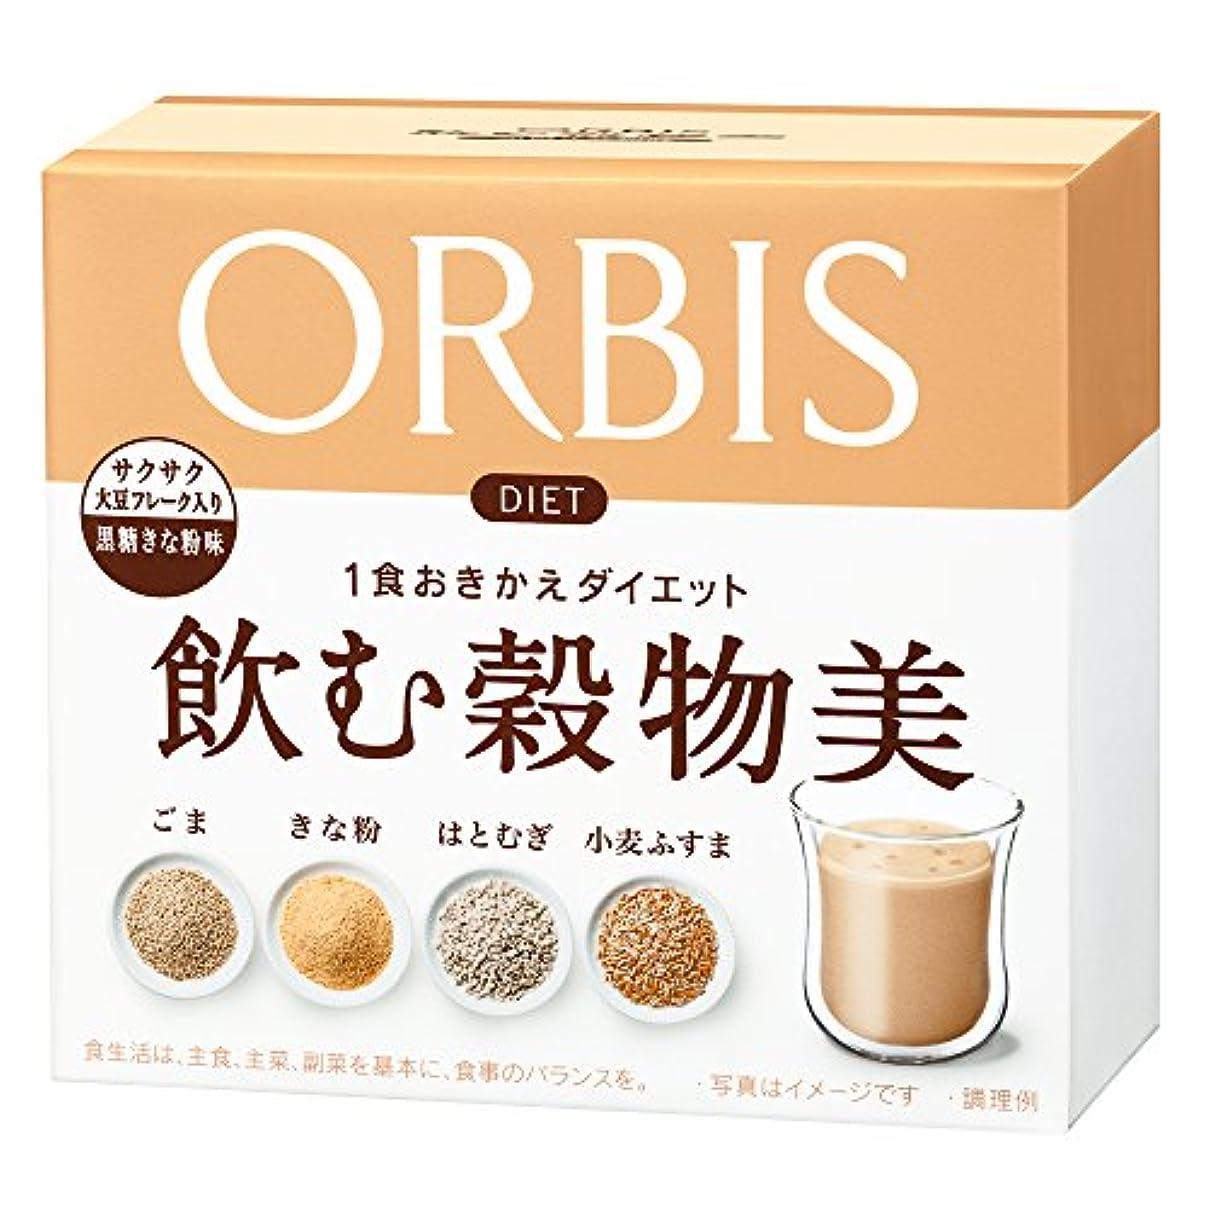 電報背景削除するオルビス(ORBIS) 飲む穀物美 黒糖きなこ味 7日分(25g×7袋) ◎雑穀ダイエットシェイク◎ 1食分約189kcal